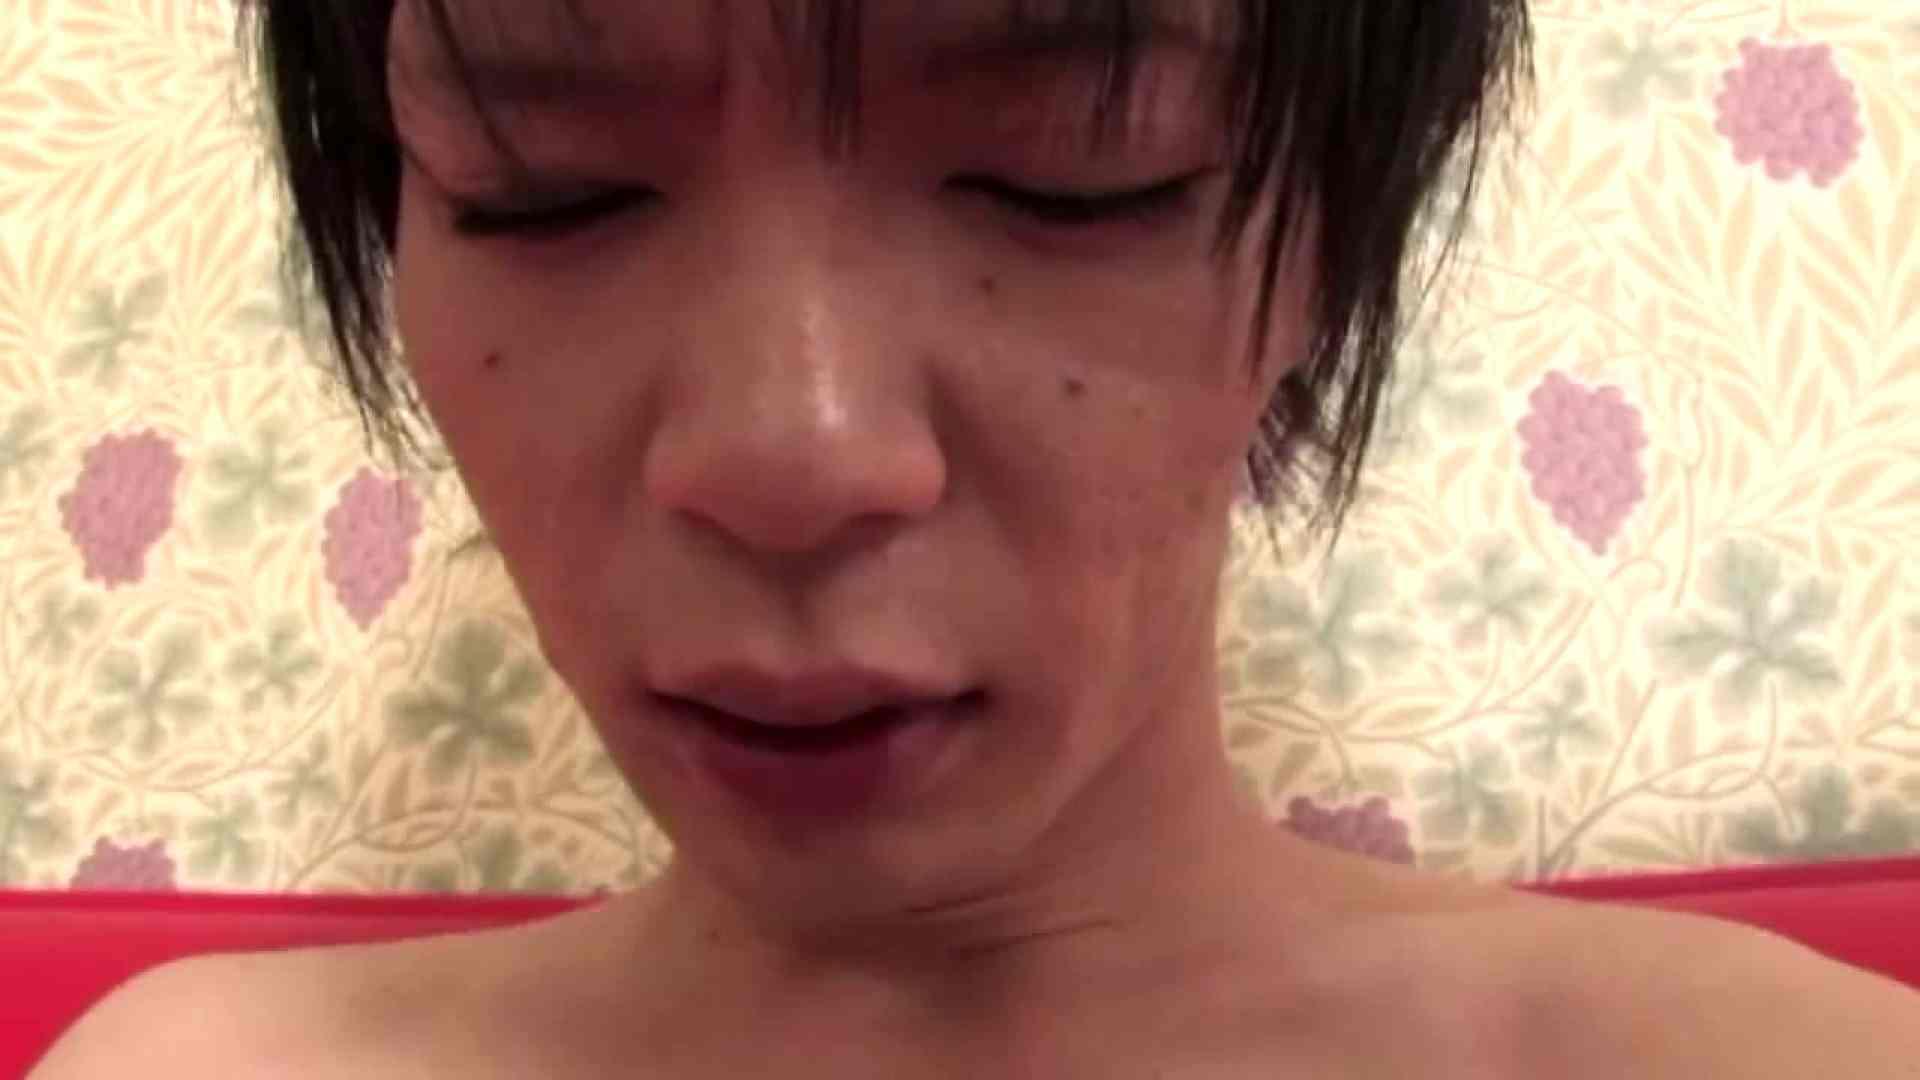 イケメン限定!天国への階段 Vol.04 イケメン ケツマンスケベ画像 113枚 24